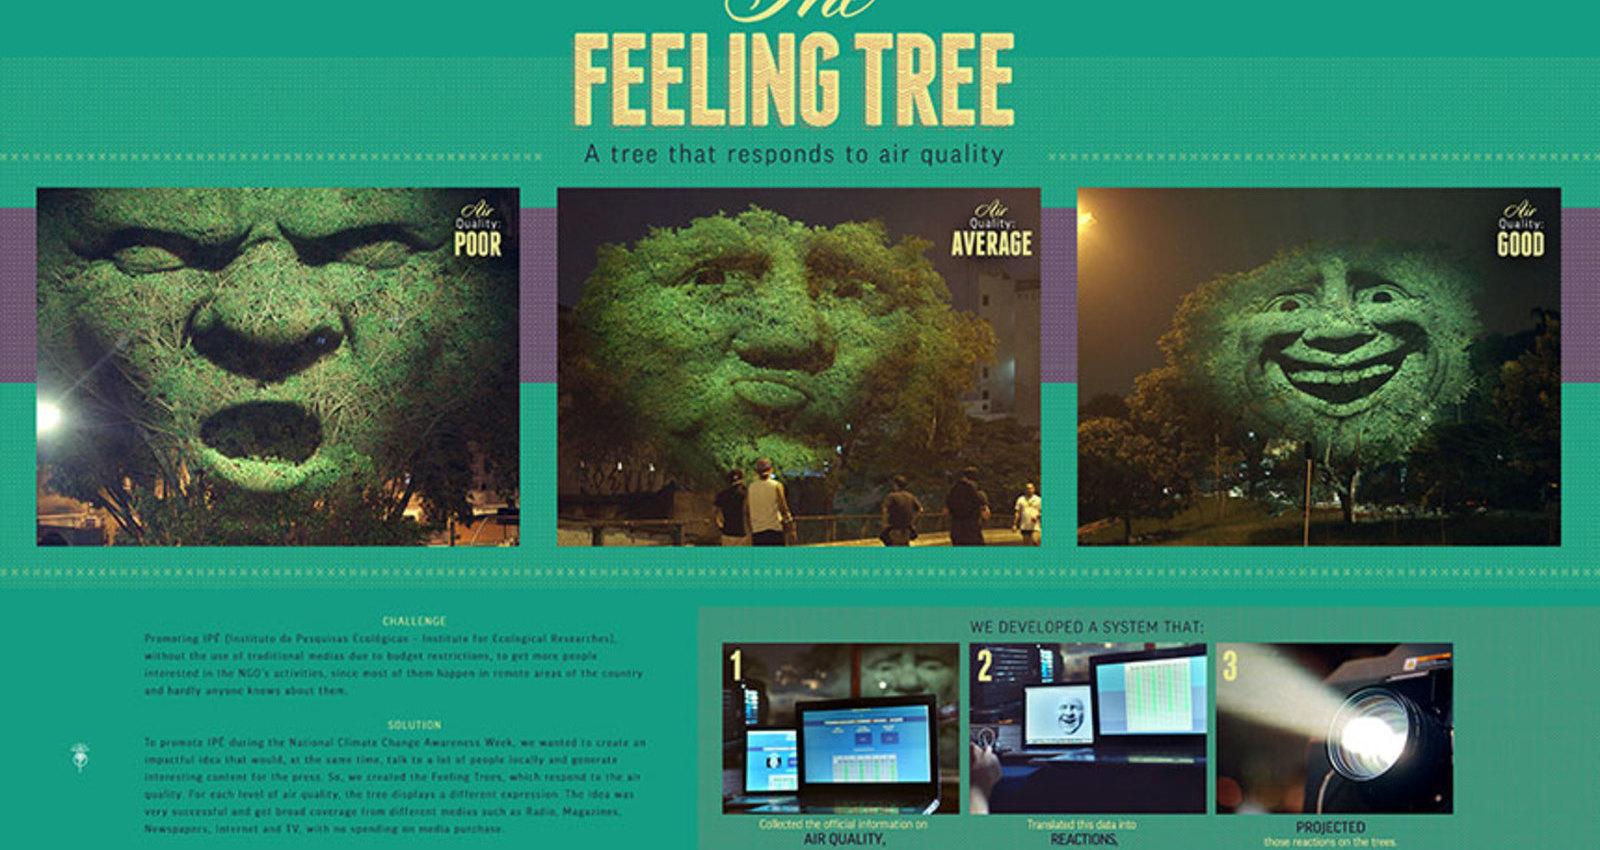 The Feeling Tree